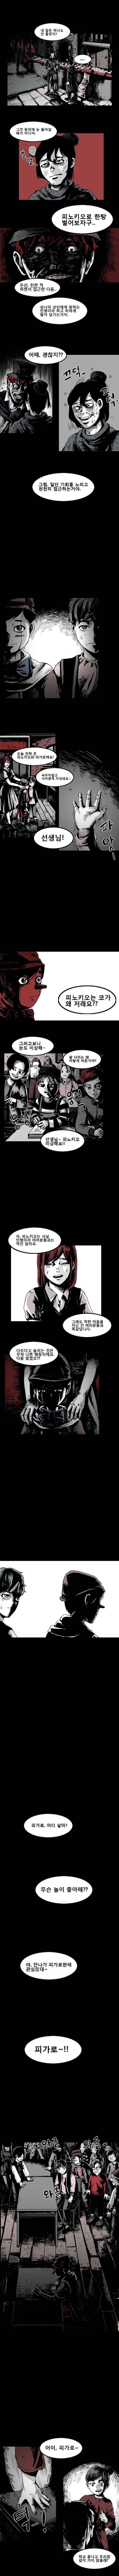 [단편공포웹툰] - 진짜 소년이 되려면 | 인스티즈